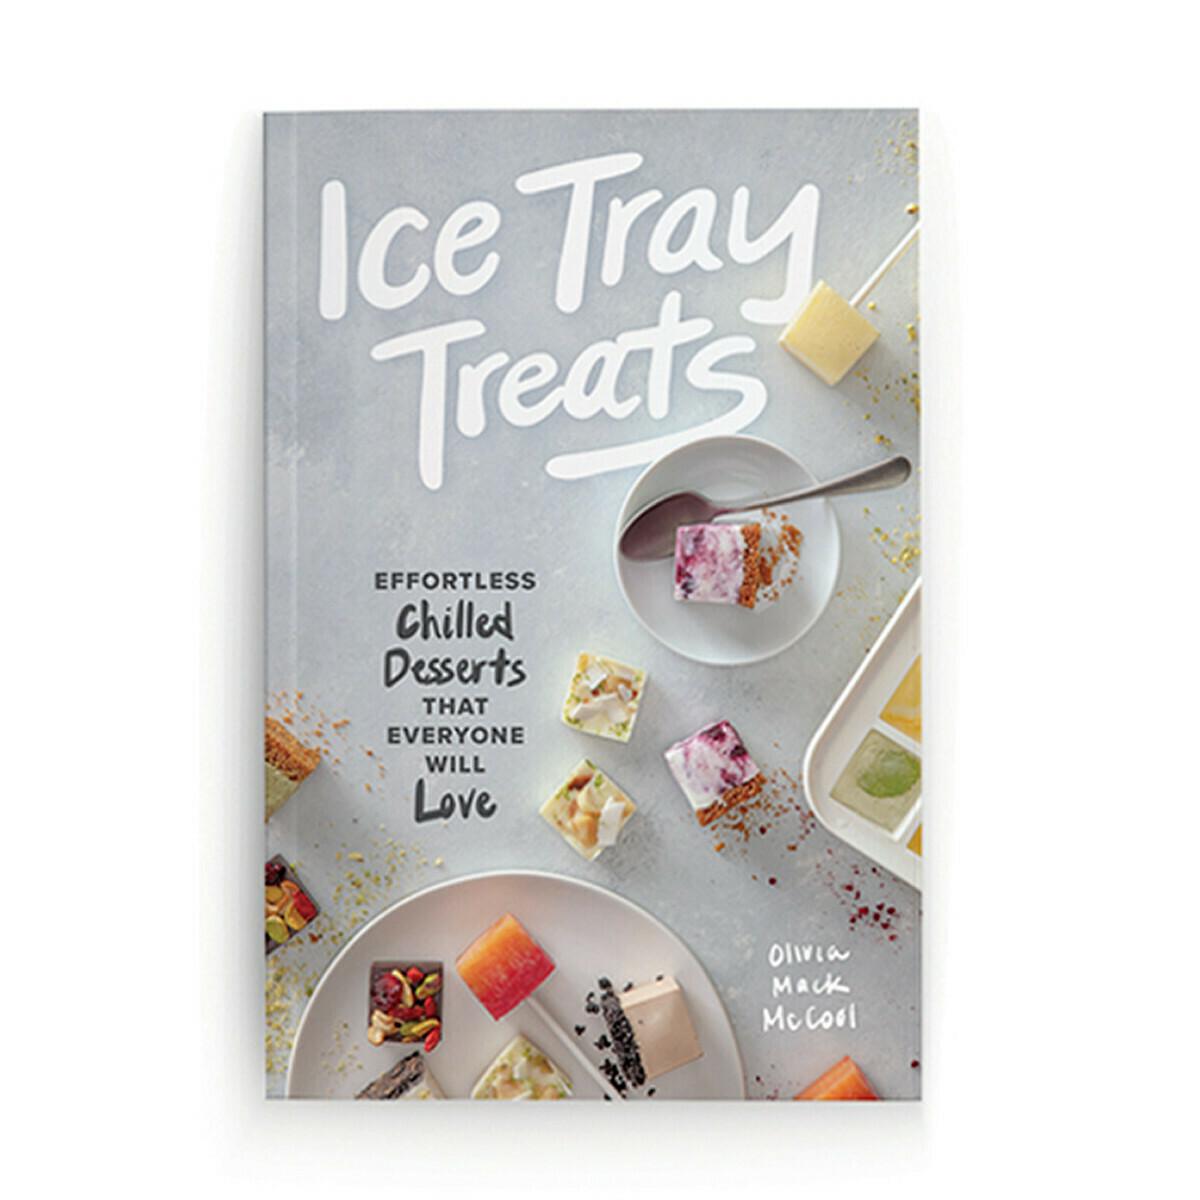 Ice Tray Treats Cookbook